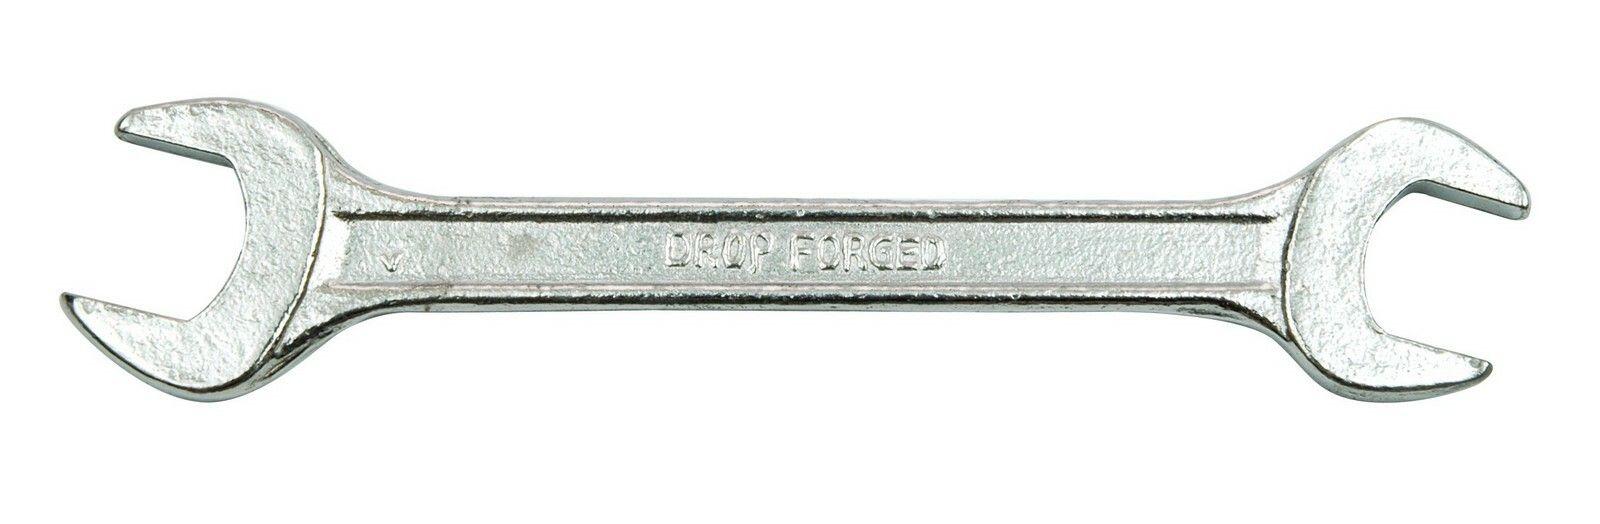 Klíč plochý 17x19mm TOYA